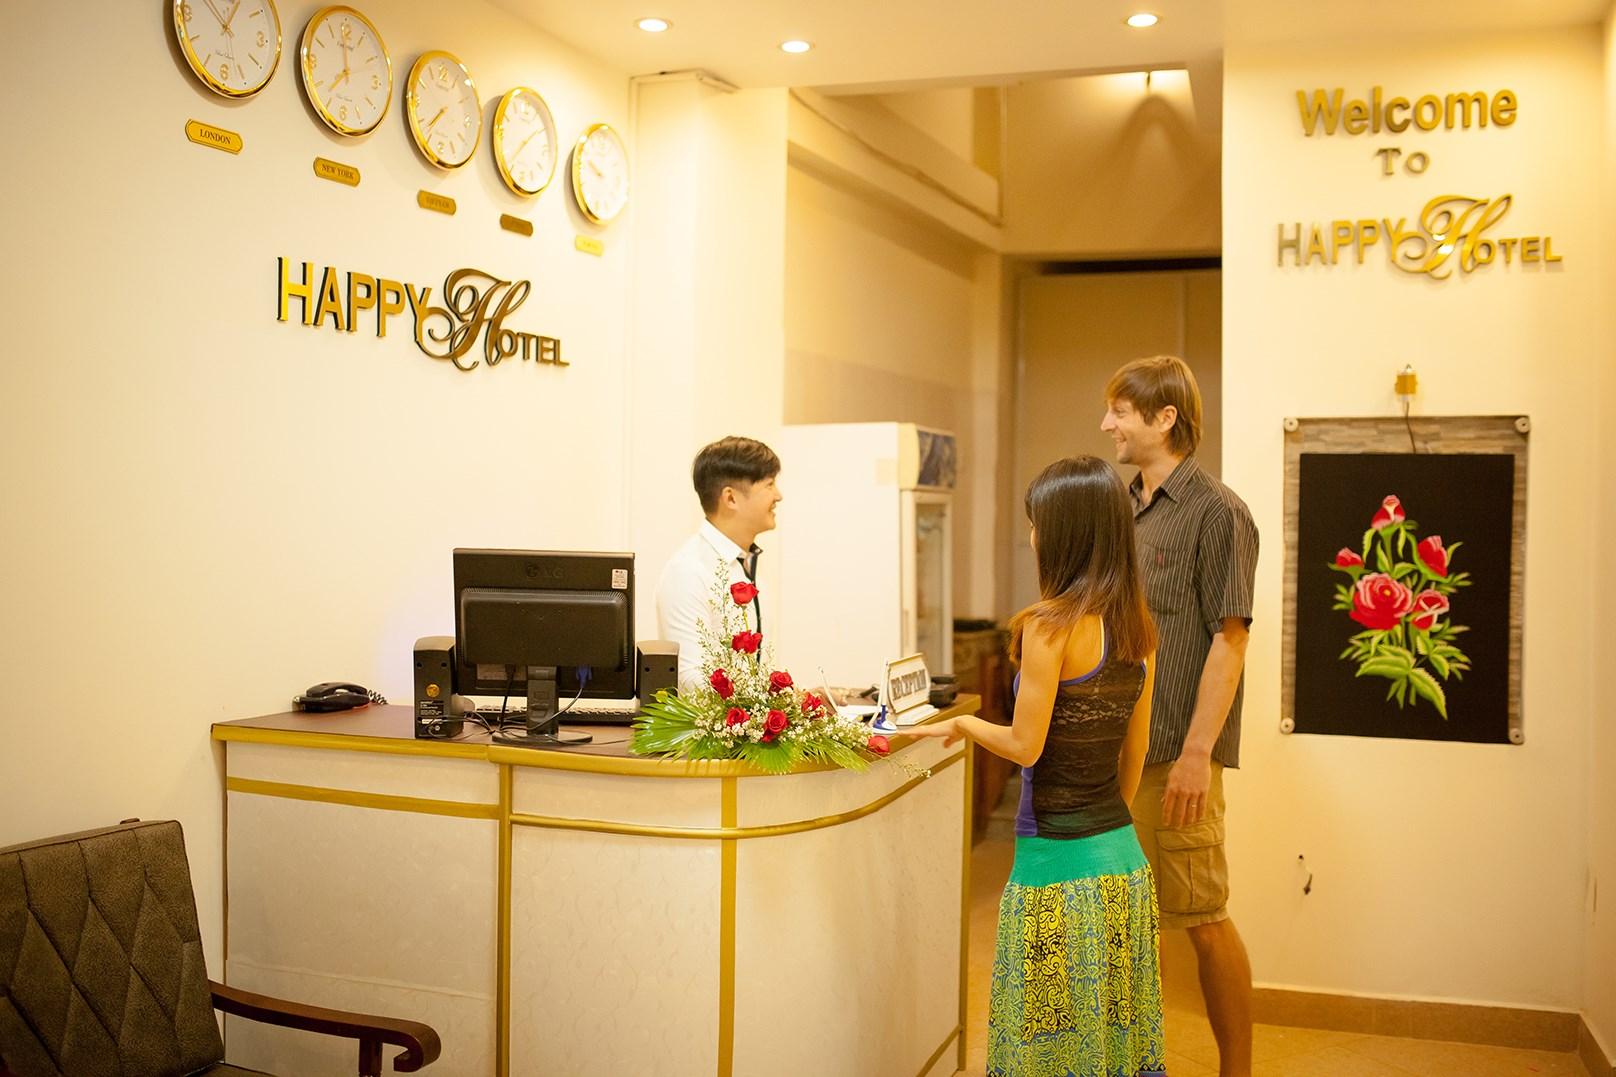 Danh sách những nhà nghỉ giá rẻ tại Đà Lạt cho du khách thuê vào cuối năm 4